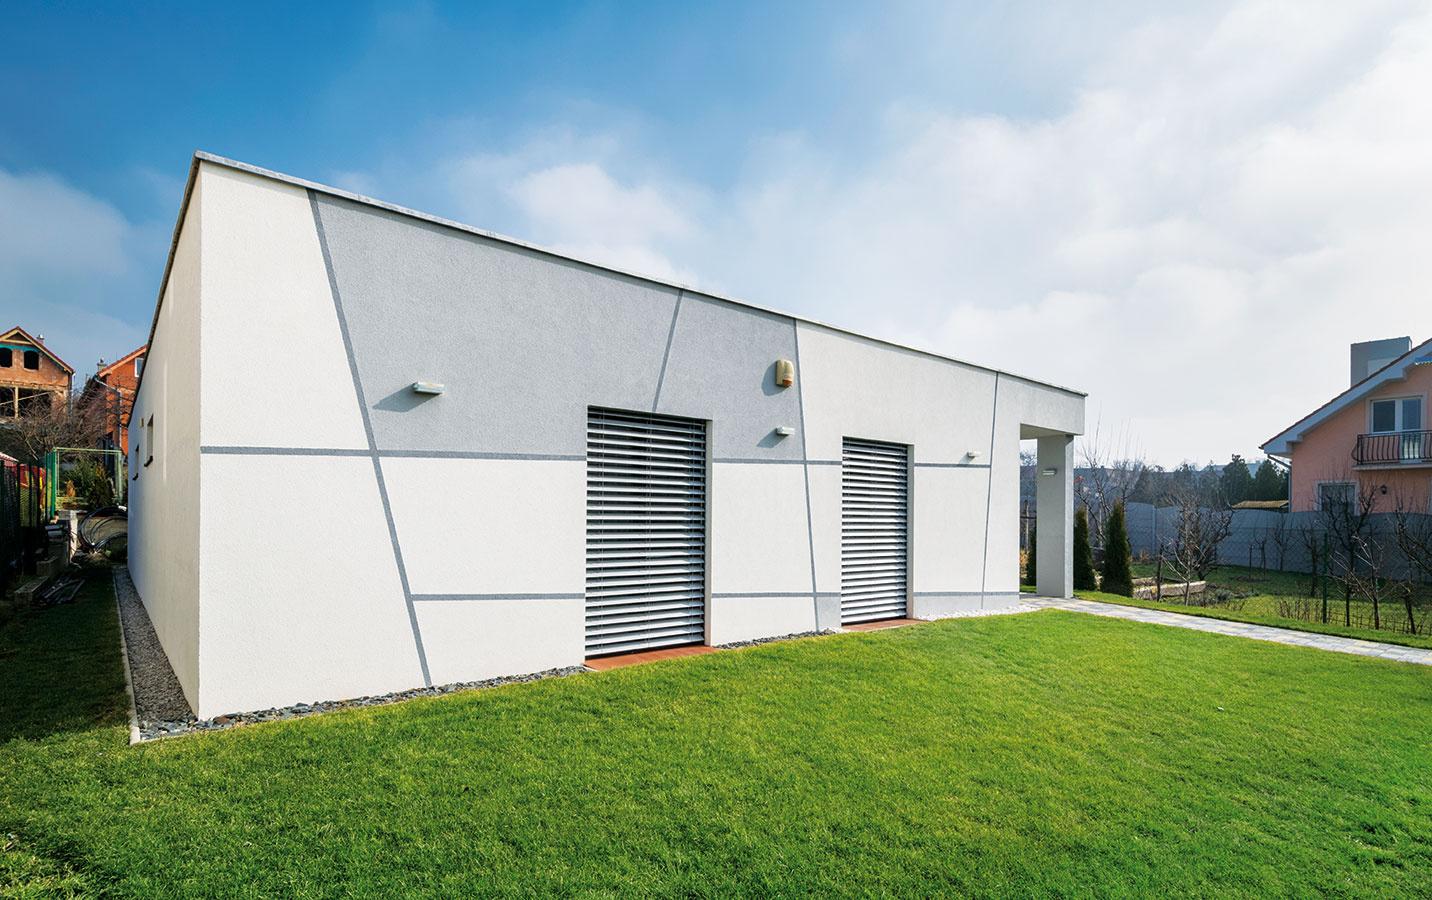 Vduchu slnečnej logiky. Nízkoenergetickému štandardu zodpovedá aj orientácia okenných otvorov avyužitie vonkajších žalúzií, ktoré plnia nielen tepelnoizolačnú, ale ibezpečnostnú funkciu.